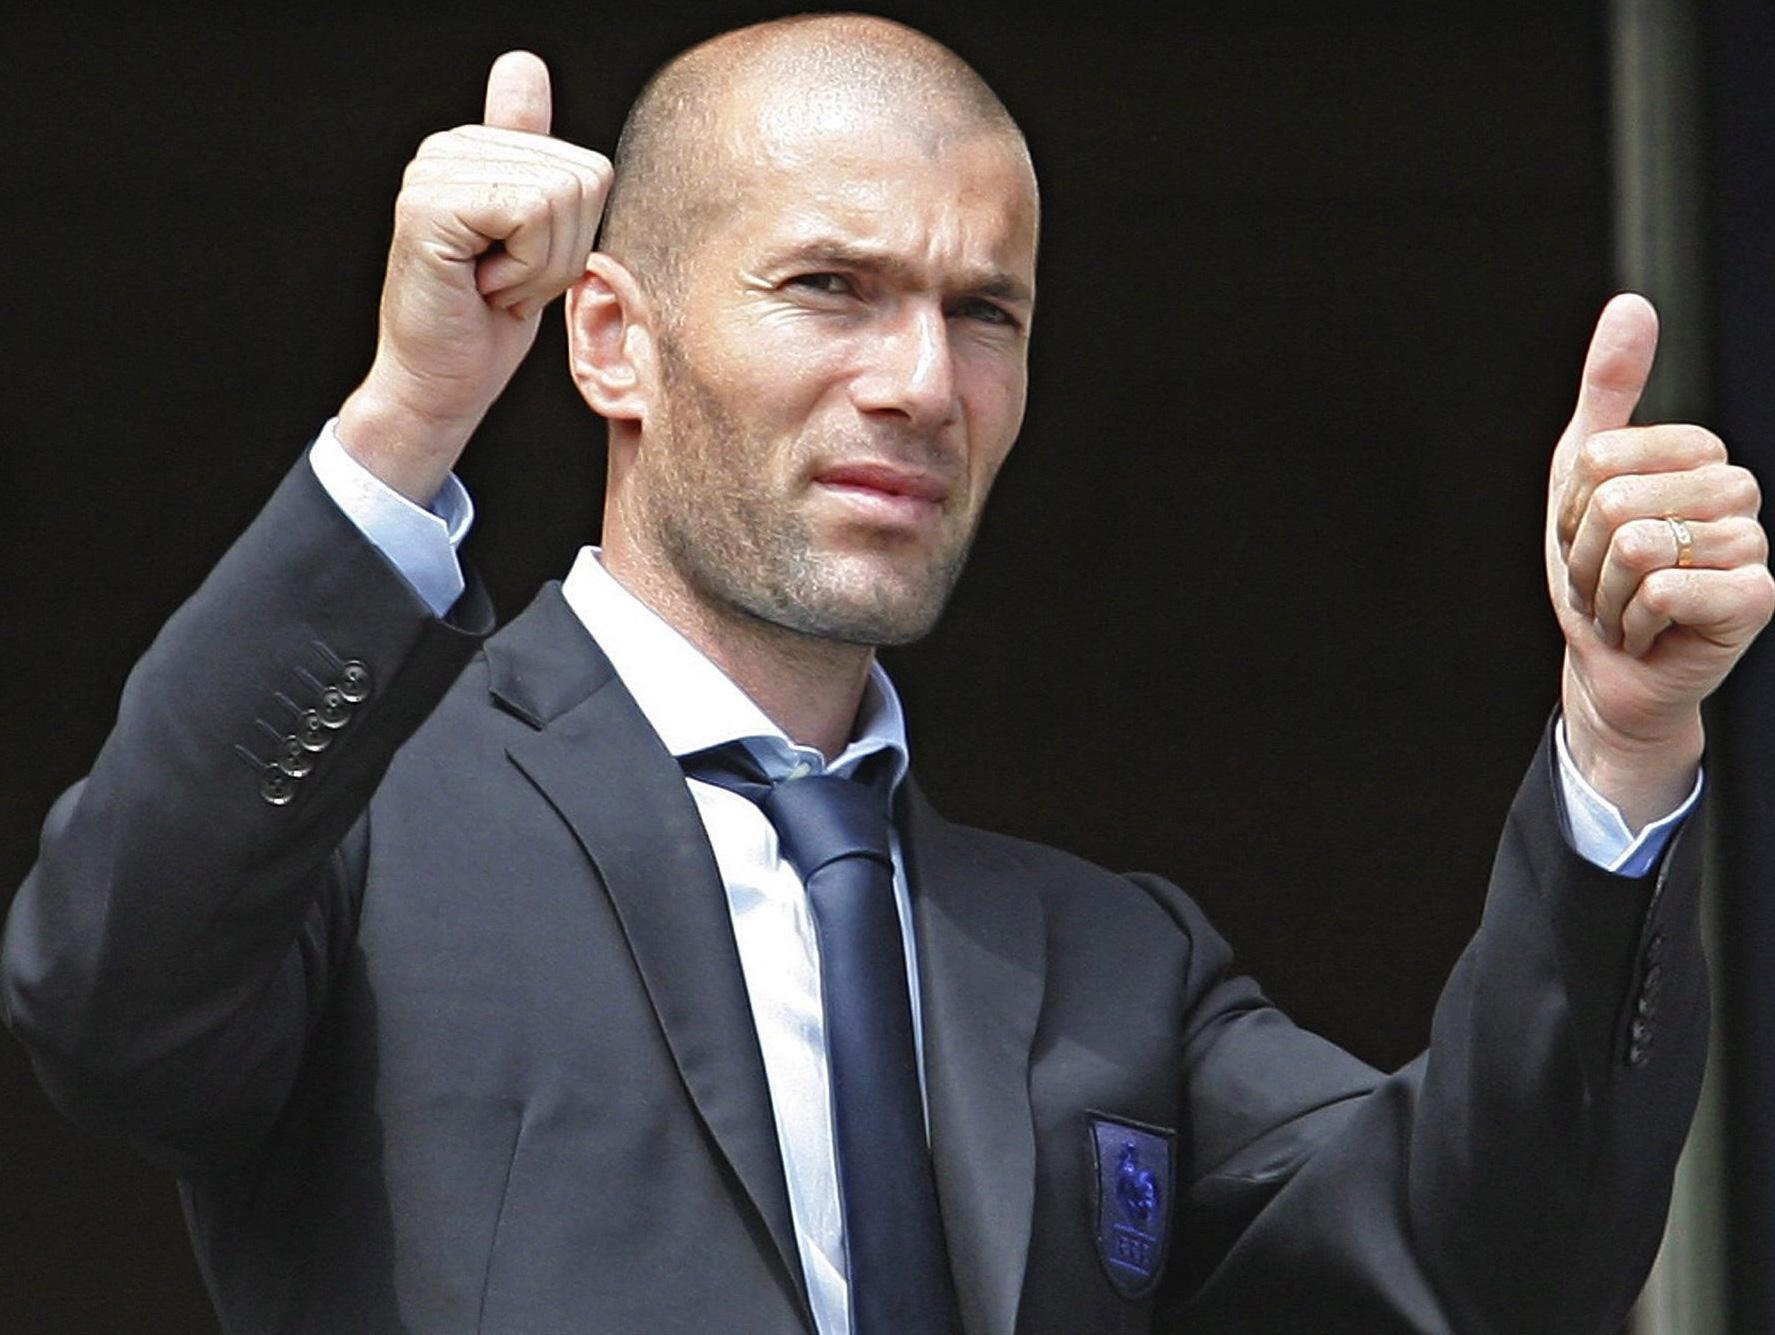 زيدان: الفوز بأبطال أوروبا سيكون من أفضل لحظات حياتي